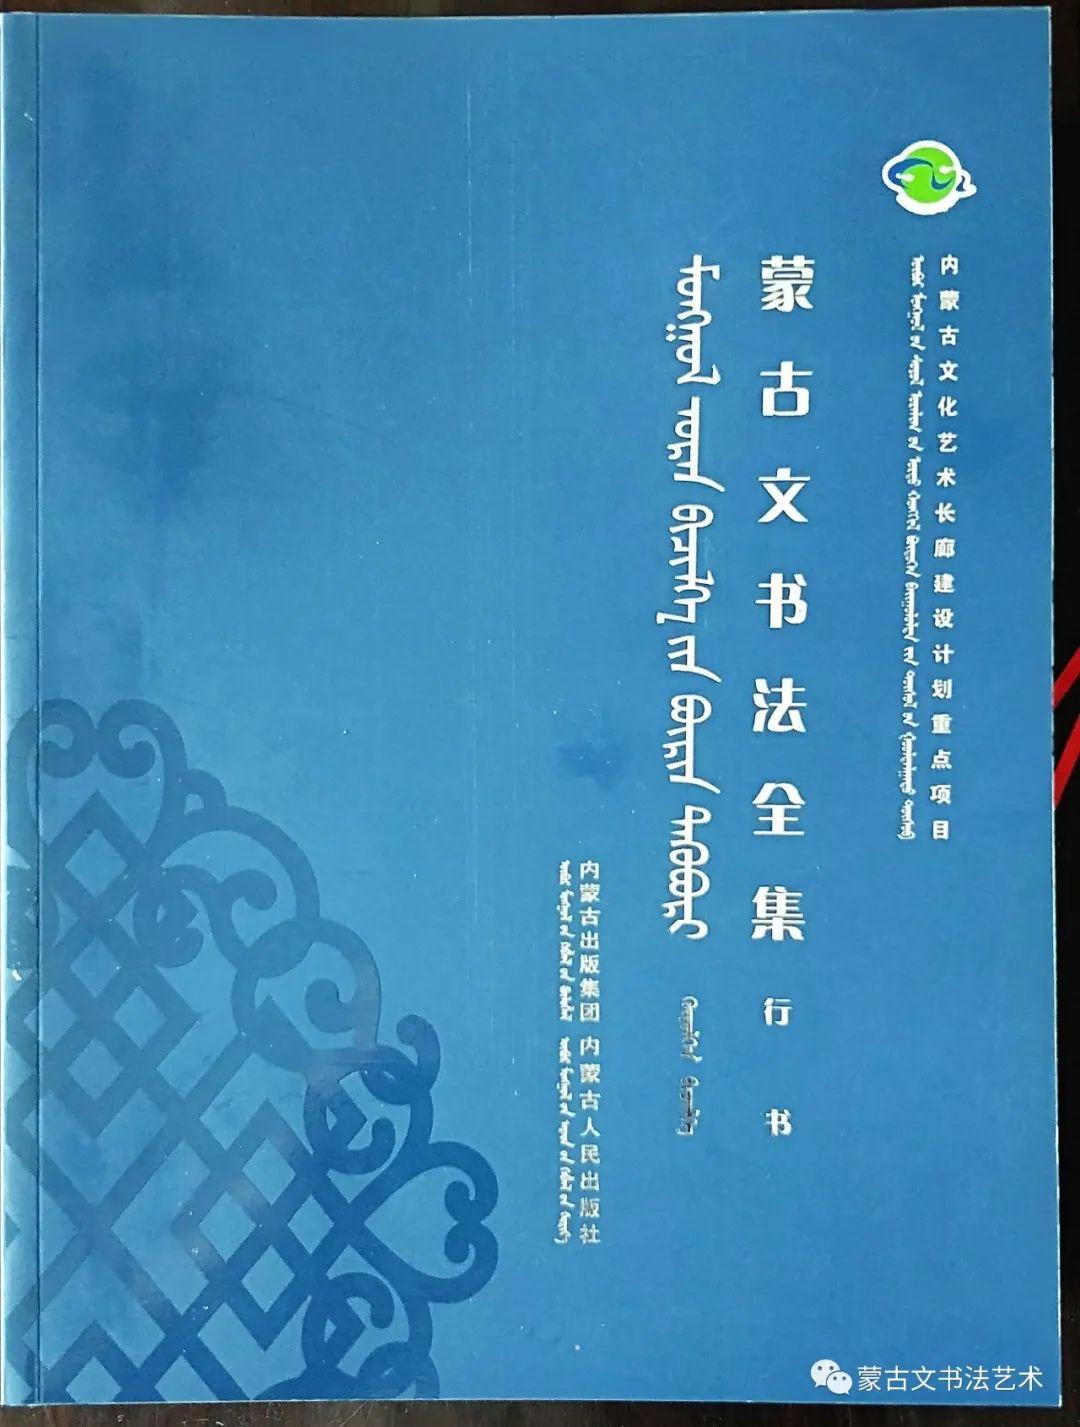 蒙古文书法全集 第11张 蒙古文书法全集 蒙古书法